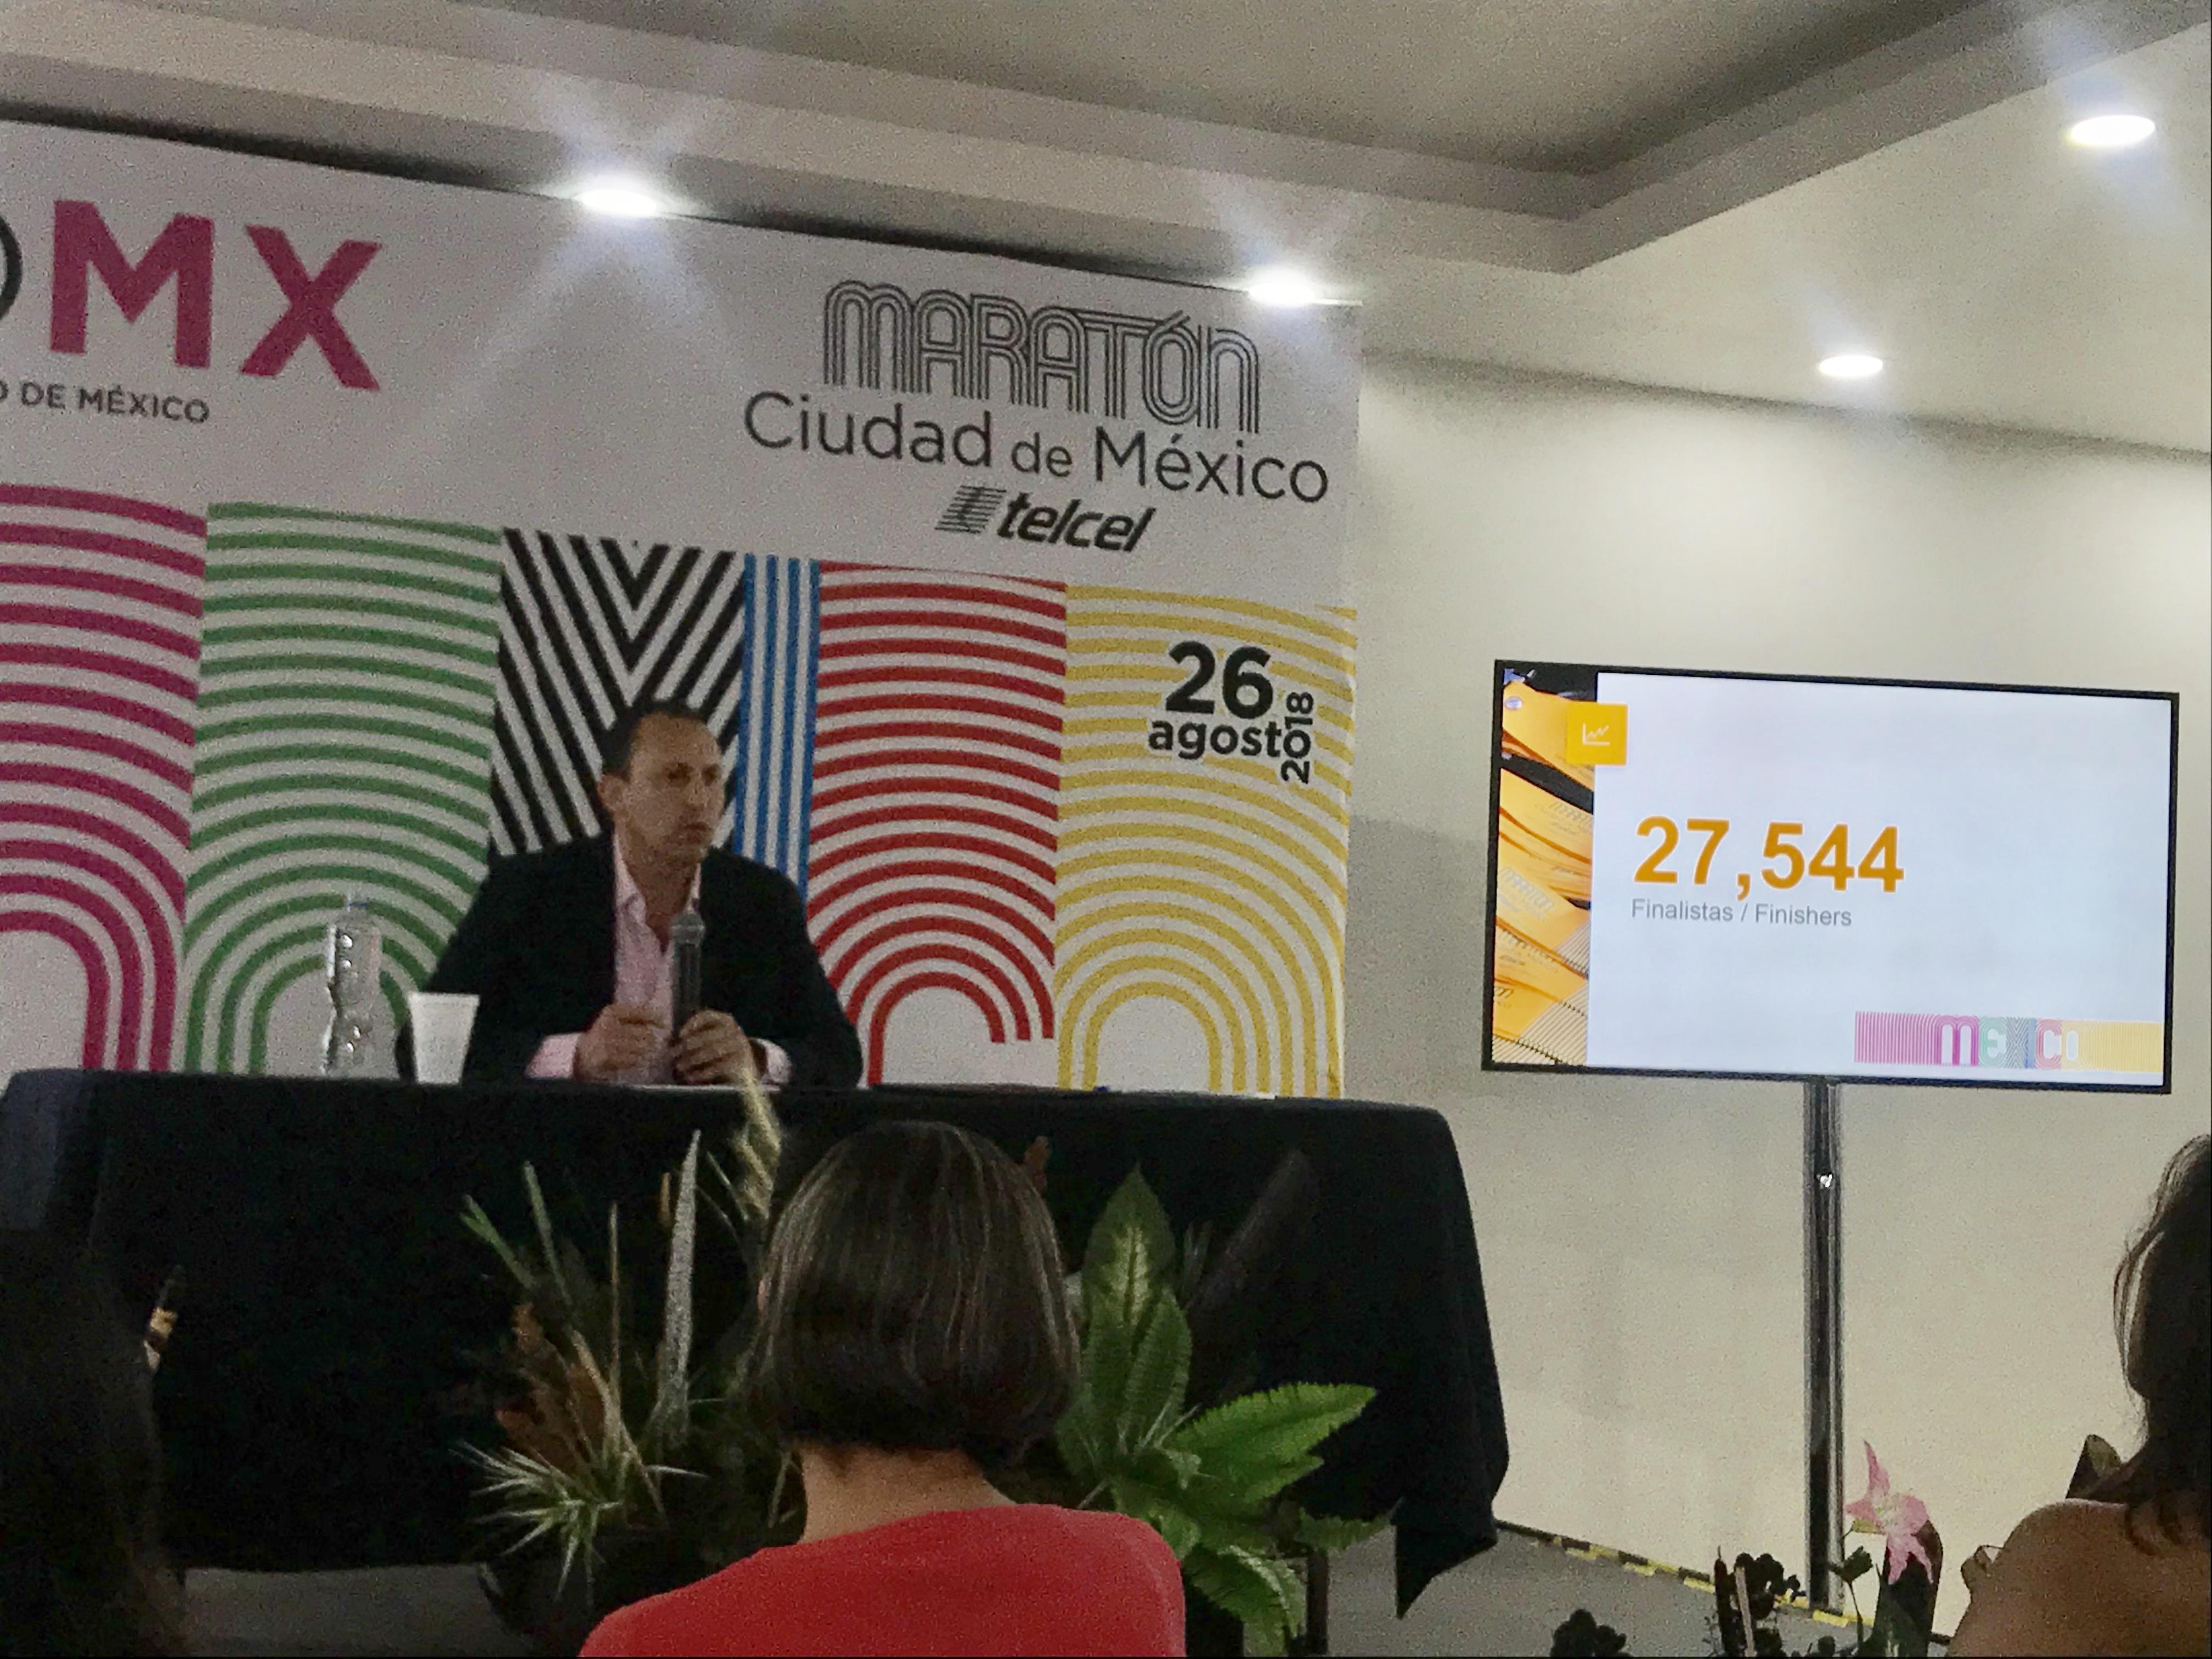 numeros finishers maraton ciudad de mexico 2018 descalificados